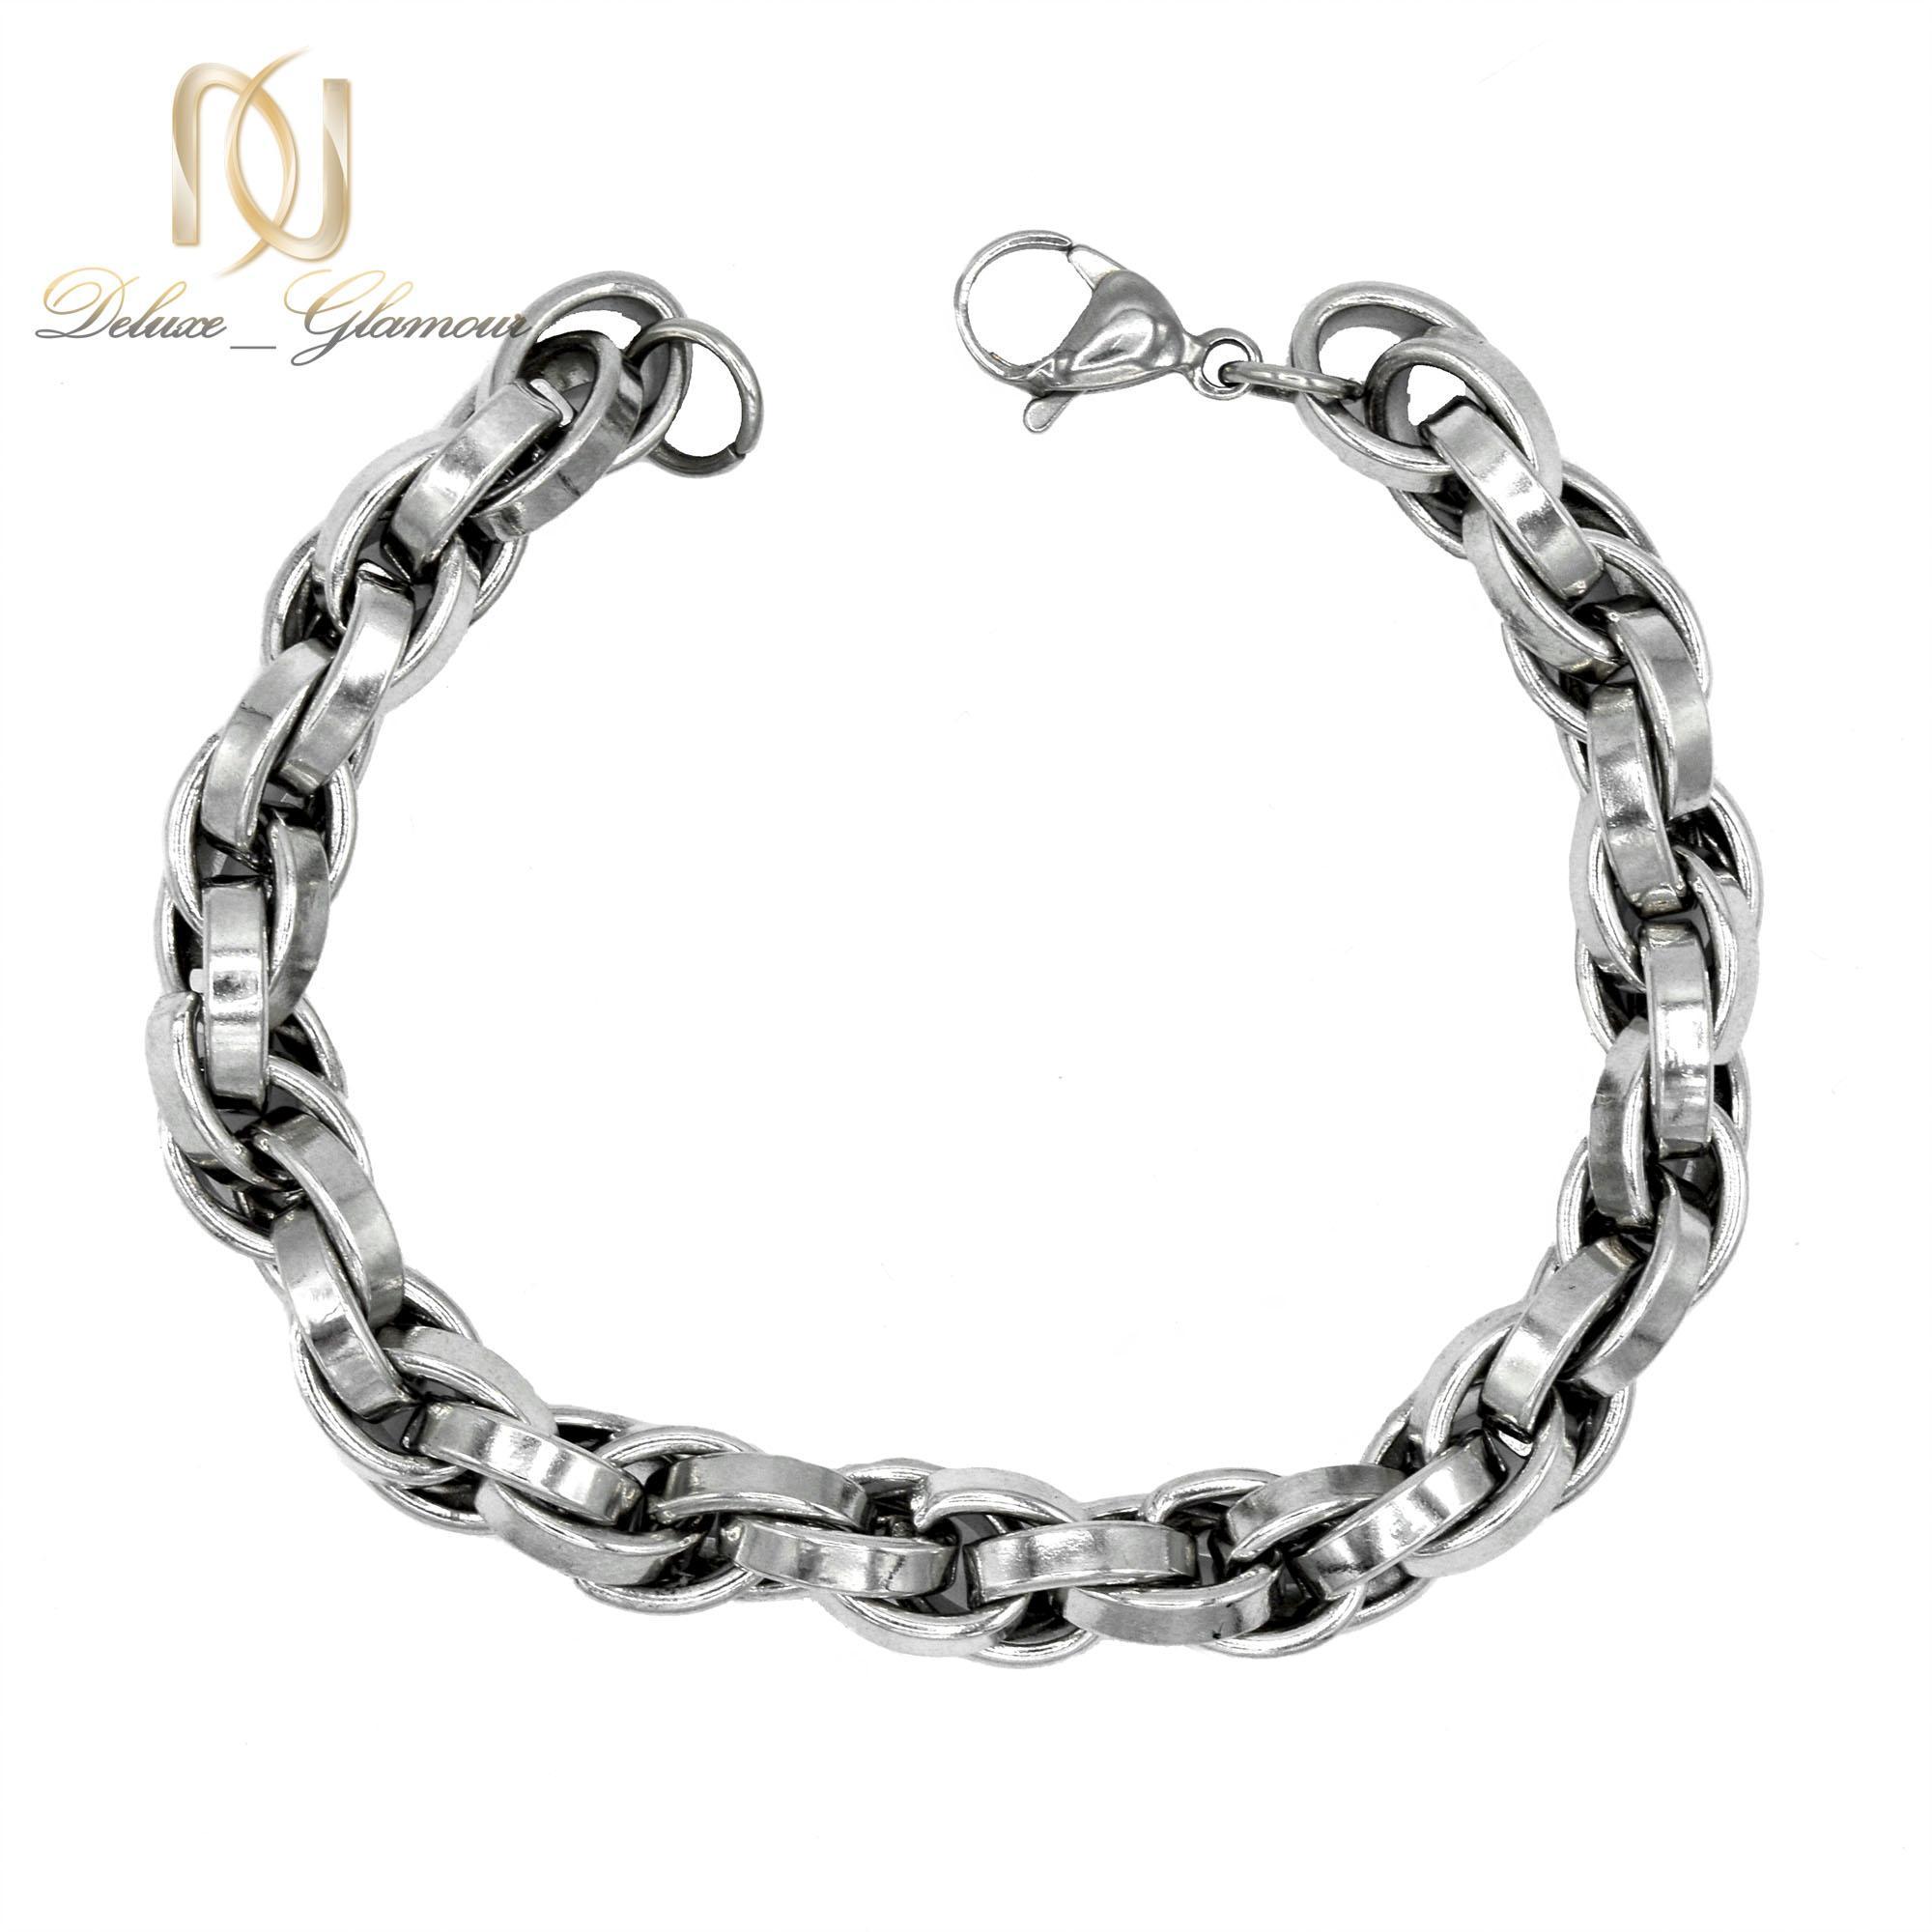 دستبند مردانه استیل براق طرح مارپیچ Ds-n253 - عکس اصلی